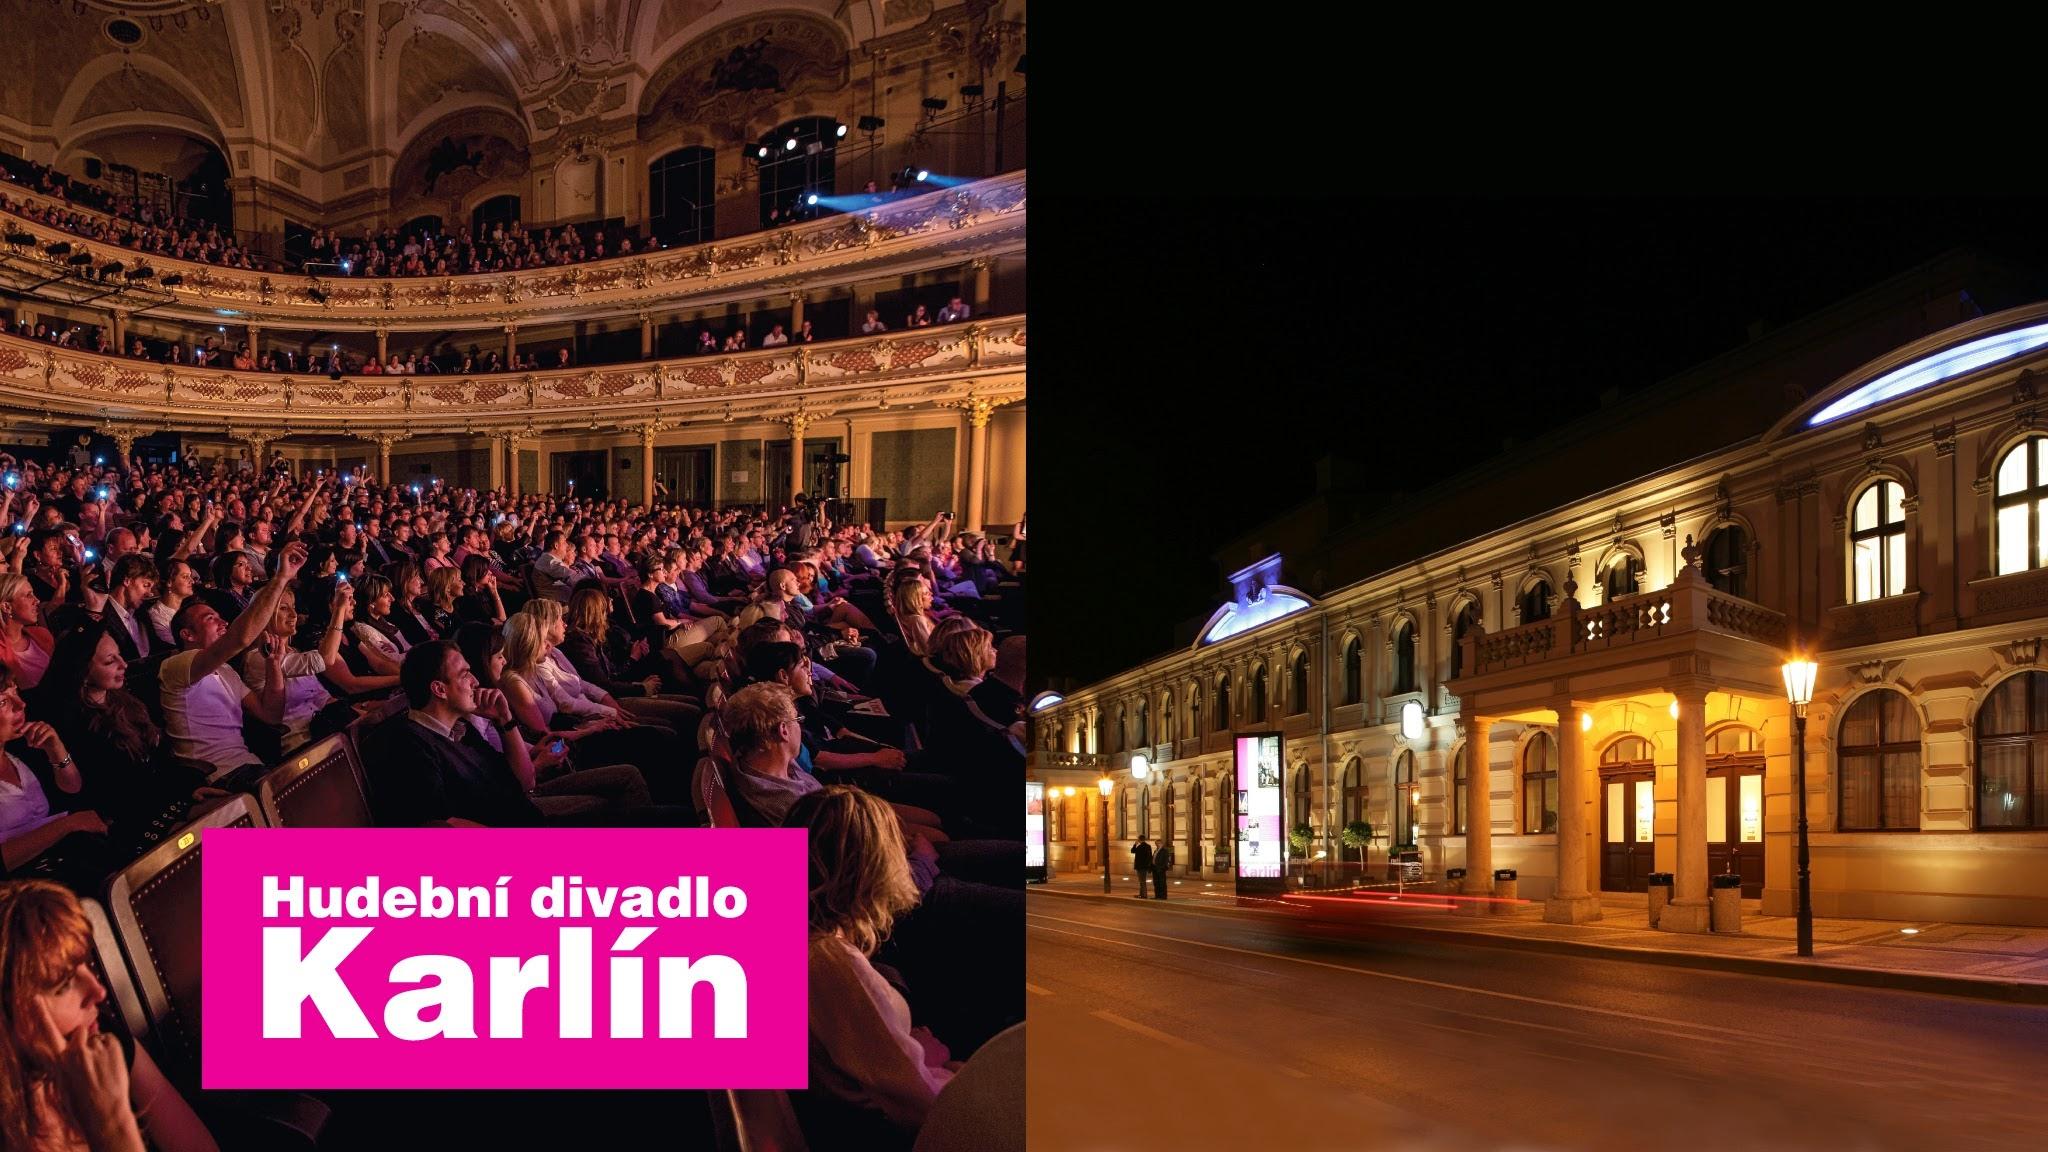 Hudební divadlo Karlín